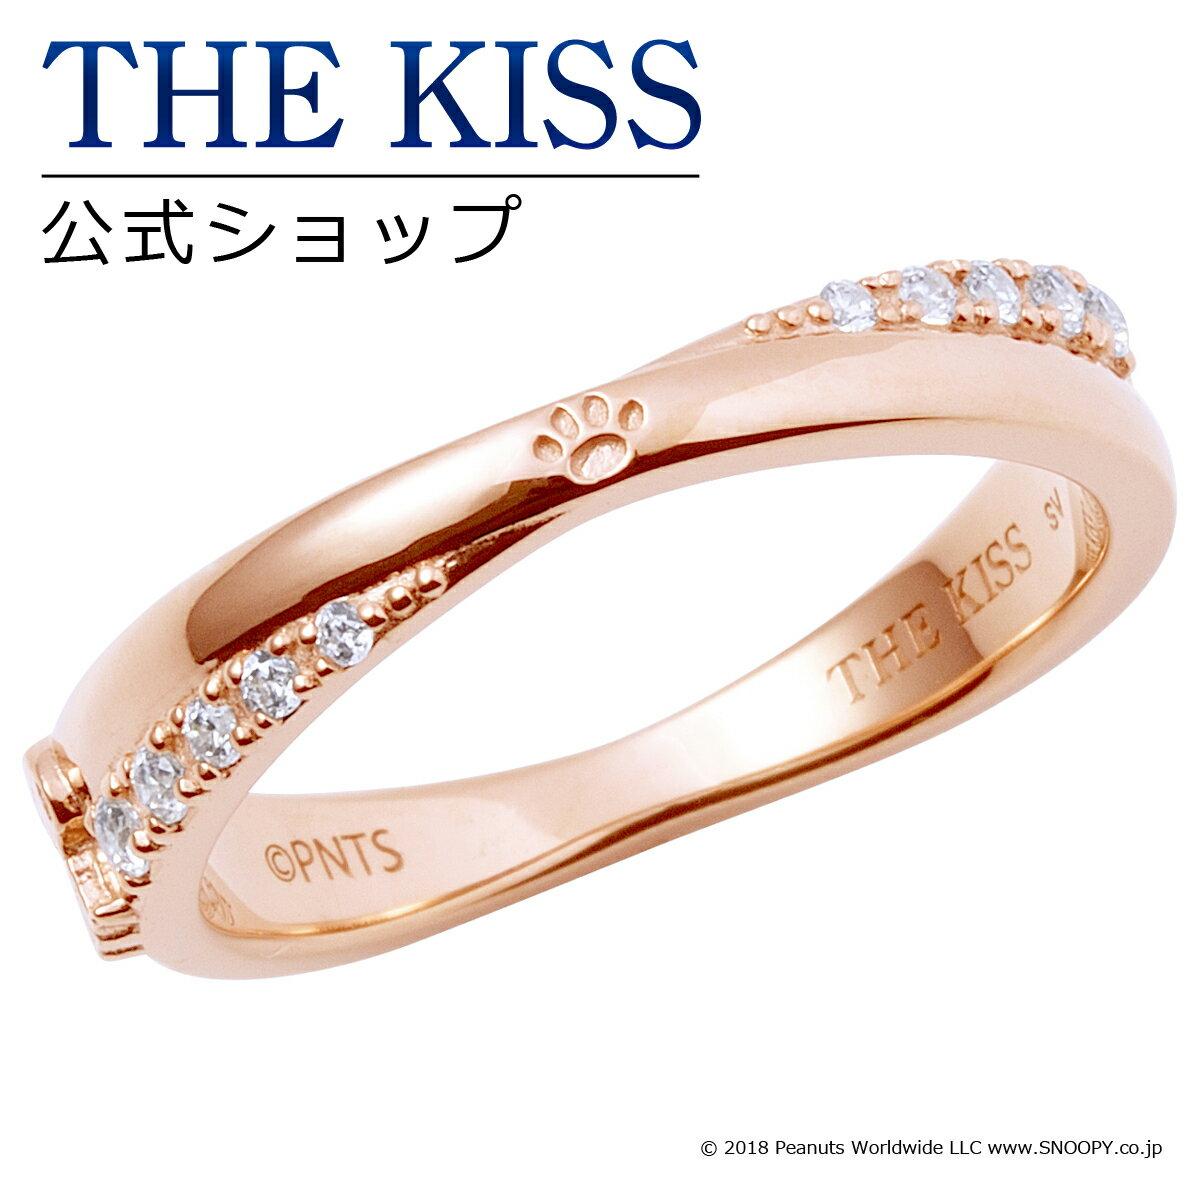 【あす楽対応】【PEANUTS×THE KISSコラボ】PEANUTS スヌーピー / THE KISS 公式サイト シルバー ペアリング ( レディース 単品 ) ペアアクセサリー カップル に 人気 の ジュエリーブランド THEKISS ペア リング・指輪 記念日 プレゼントPN-SR500CB ザキス 【送料無料】